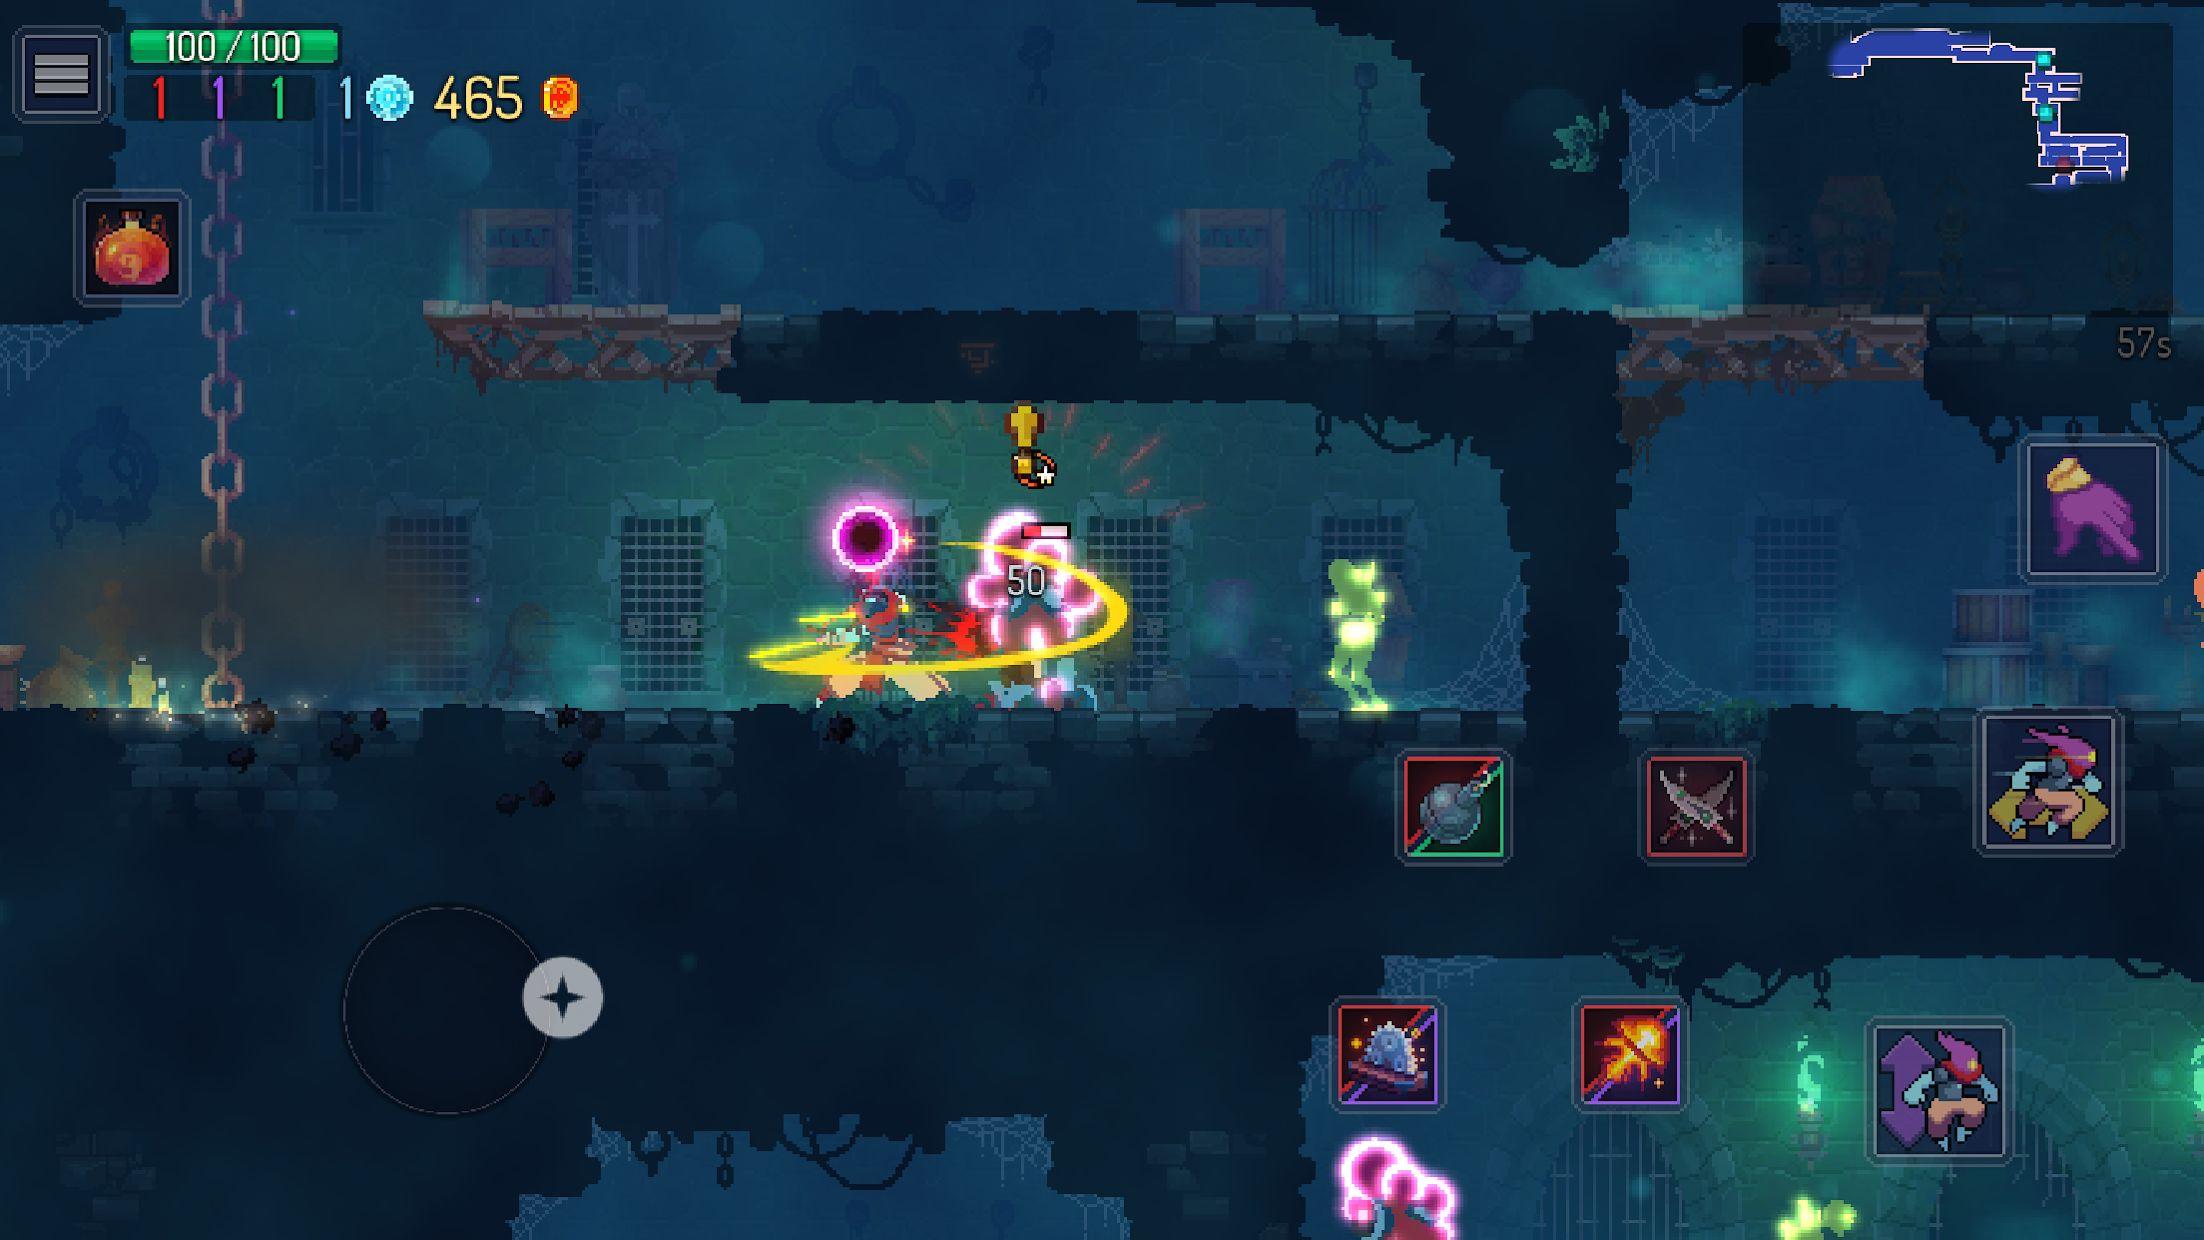 死亡细胞(国际版) 游戏截图2